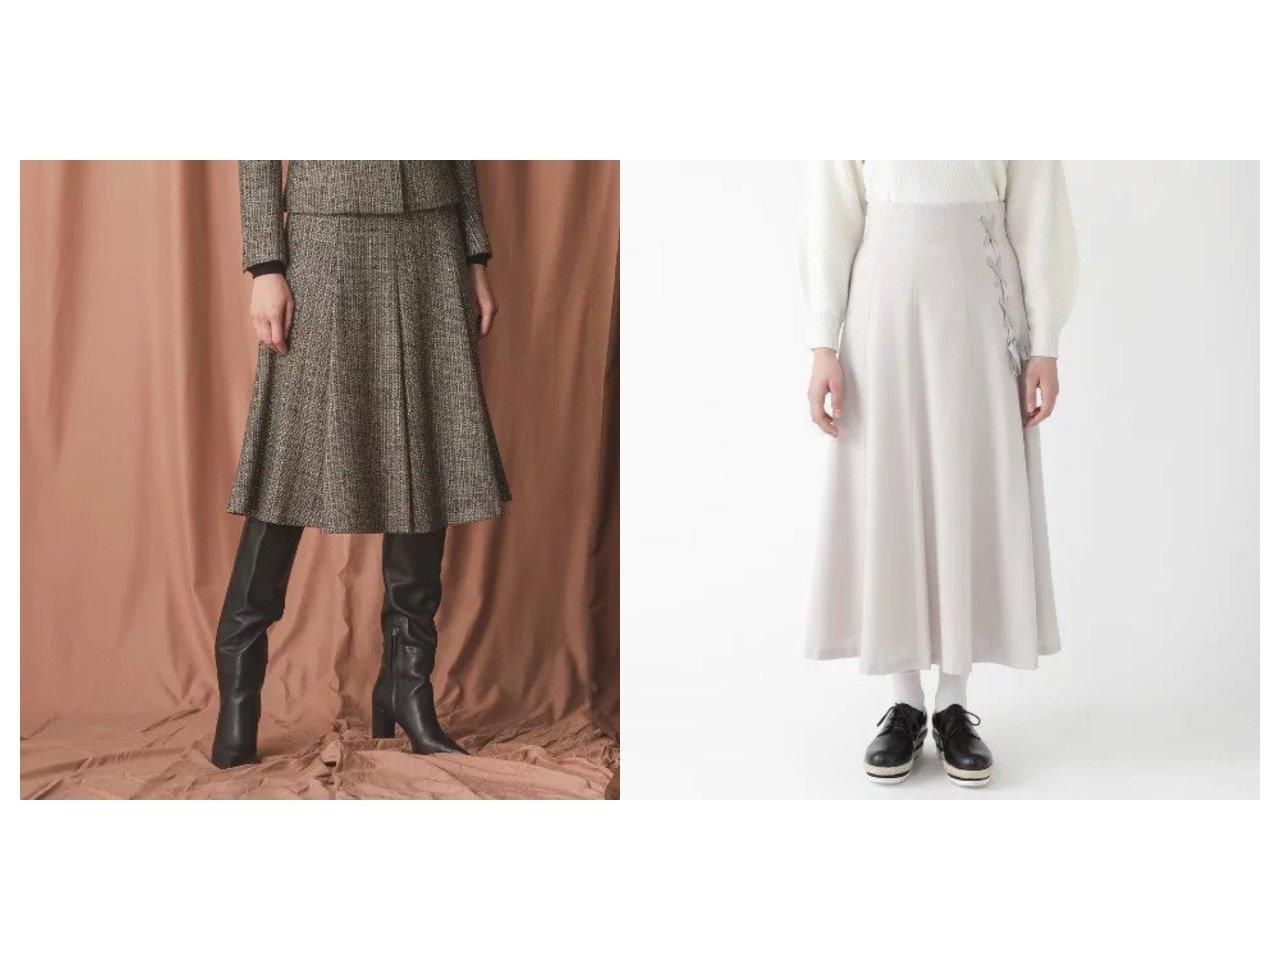 【EPOCA/エポカ】の【24 TWENTY FOUR JACKET Tweed】フレアスカート&【BLUE LABEL CRESTBRIDGE/ブルーレーベル・クレストブリッジ】のソフトサキソニーフレアスカート スカートのおすすめ!人気、レディースファッションの通販 おすすめで人気のファッション通販商品 インテリア・家具・キッズファッション・メンズファッション・レディースファッション・服の通販 founy(ファニー) https://founy.com/ ファッション Fashion レディース WOMEN アウター Coat Outerwear ジャケット Jackets スカート Skirt Aライン/フレアスカート Flared A-Line Skirts イエロー クラシカル ジャケット ストレッチ ツイード フレア マキシ リボン ロング ショート  ID:crp329100000001527